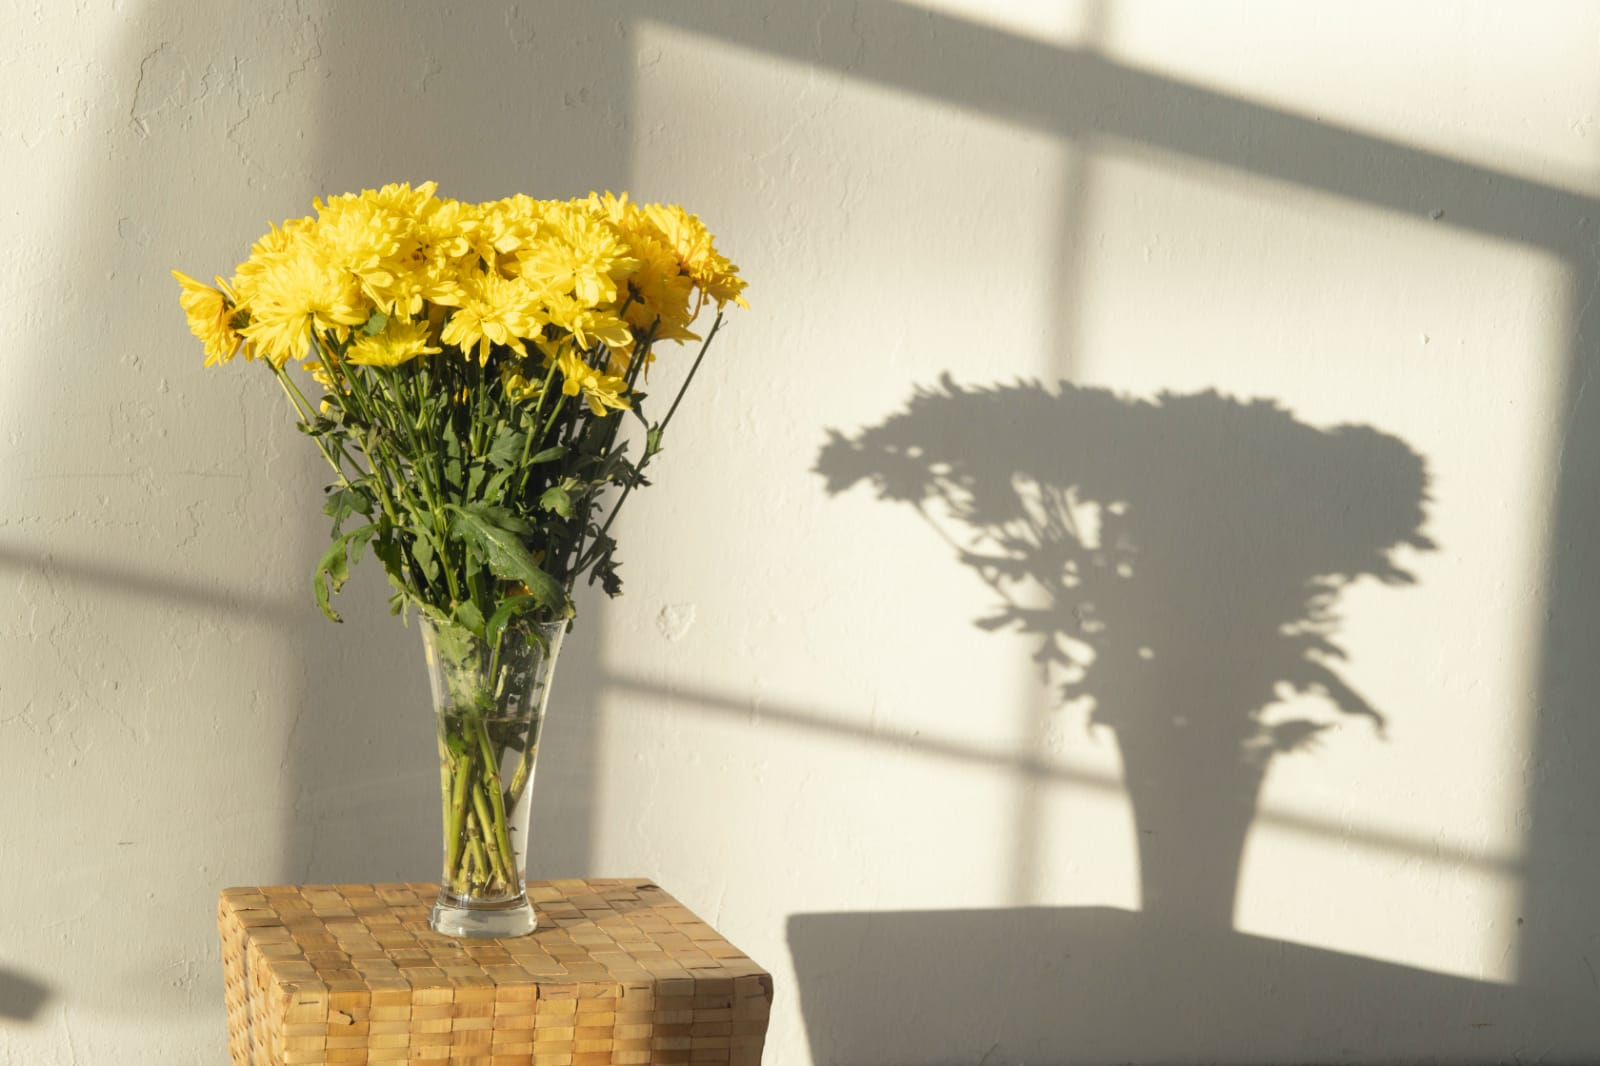 Manfaat-bunga-krisan-untuk-kecantikan-1